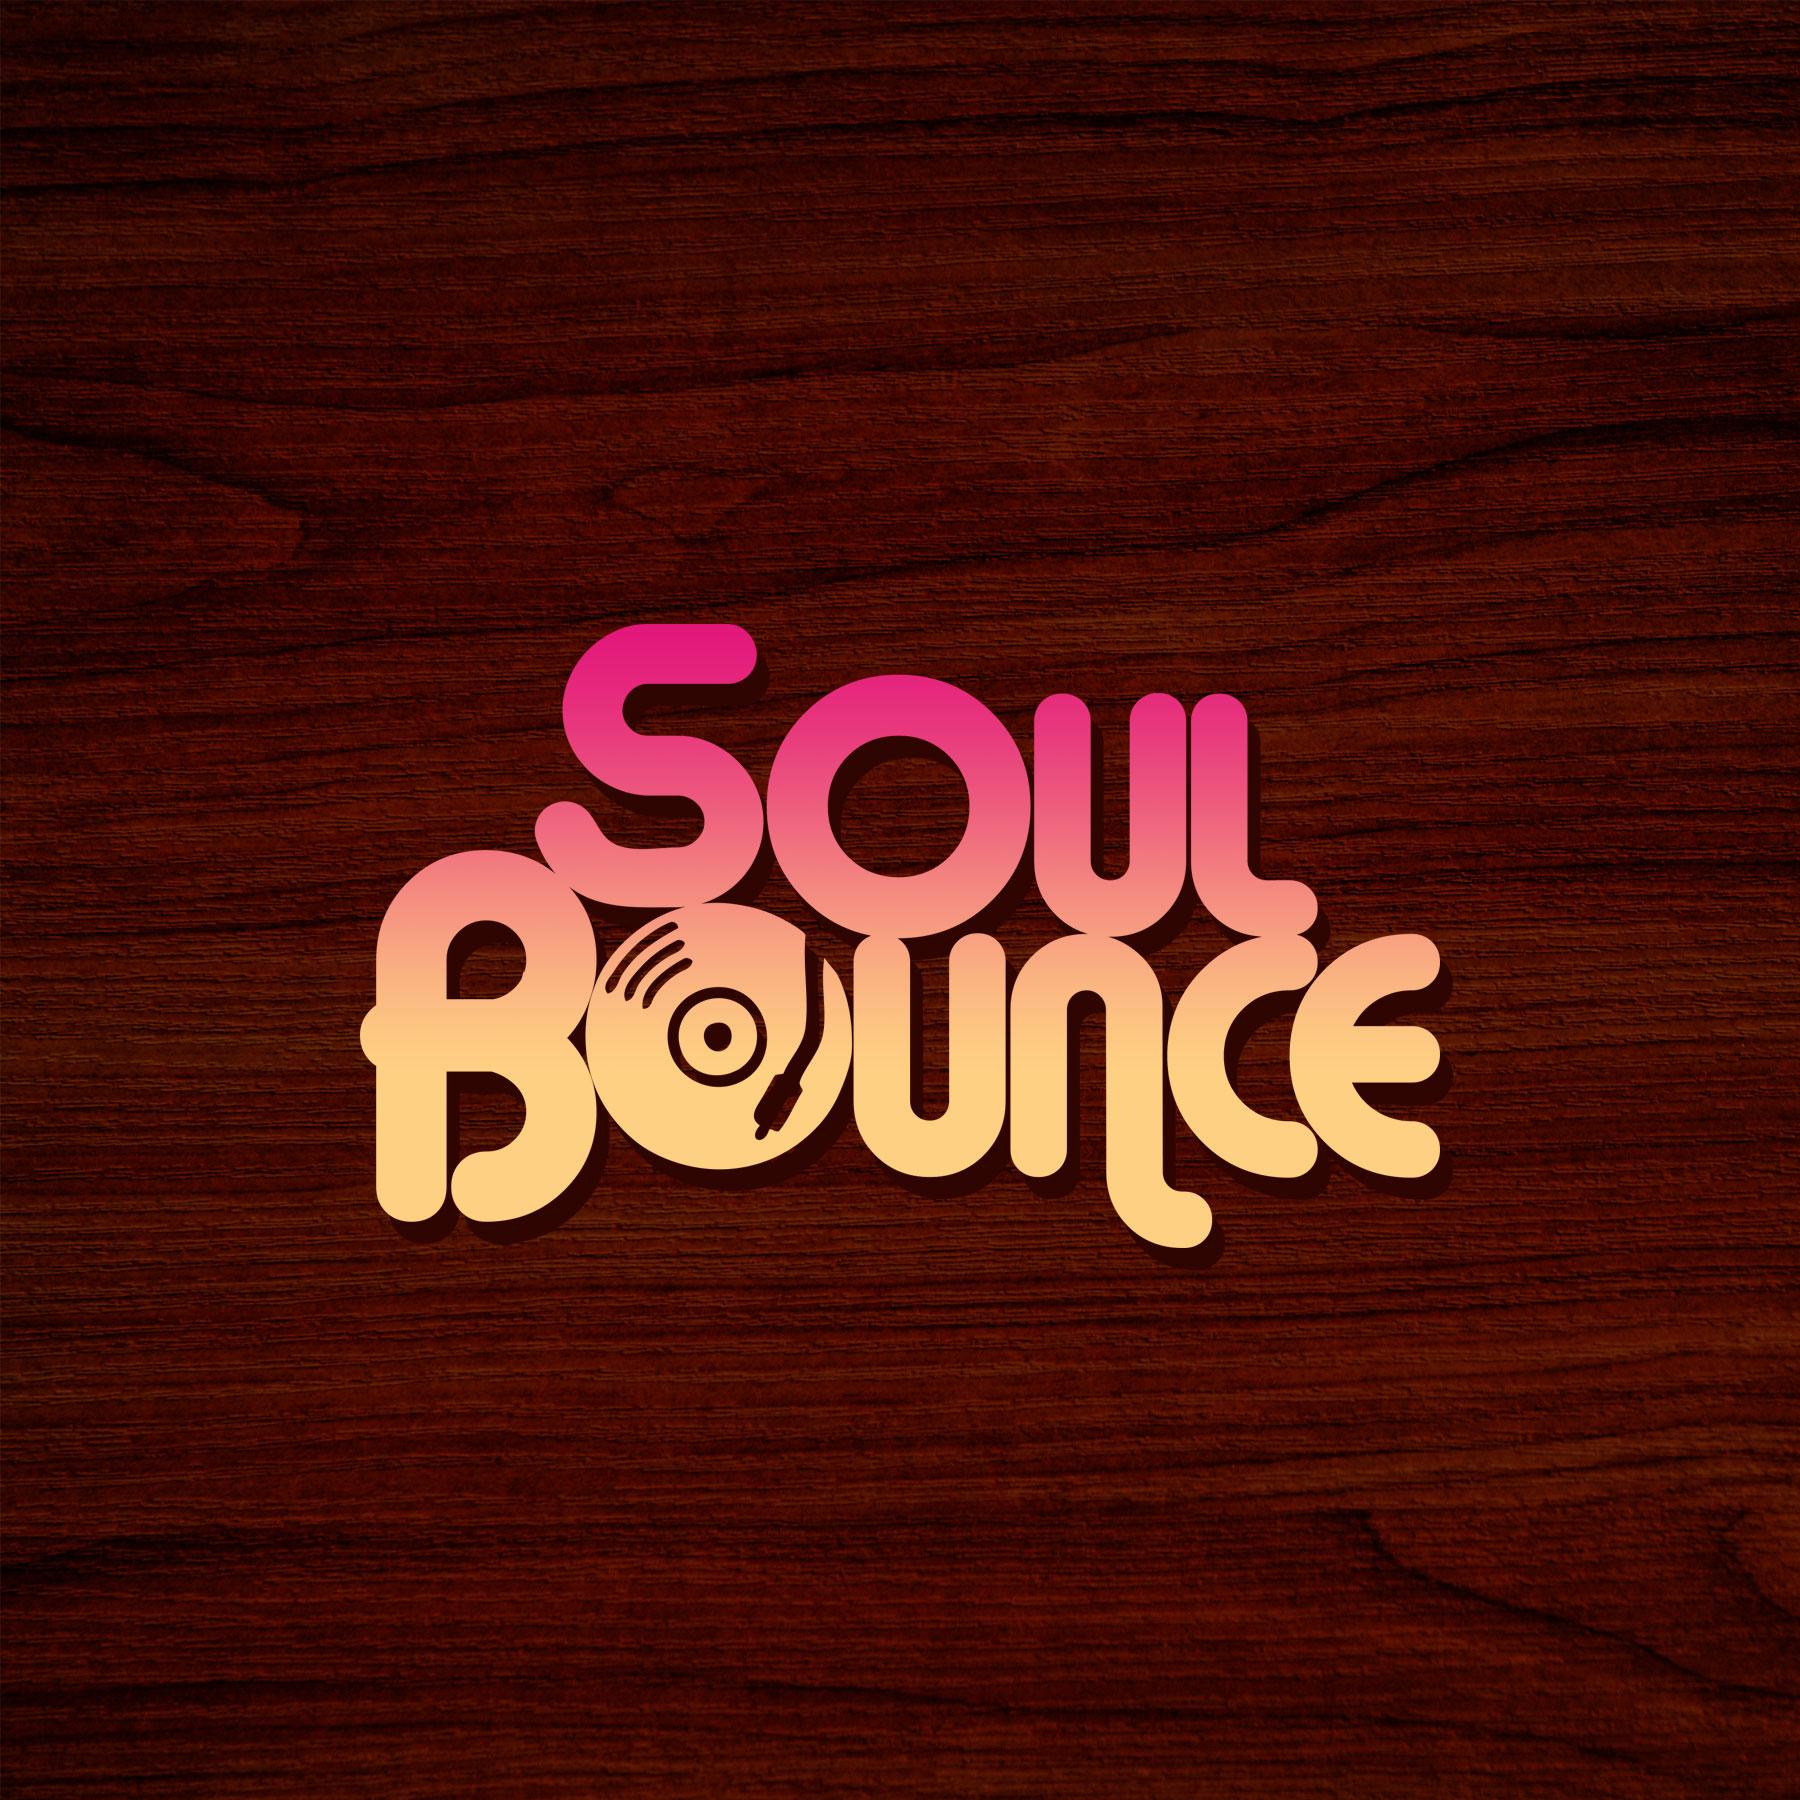 Soulbounce logo